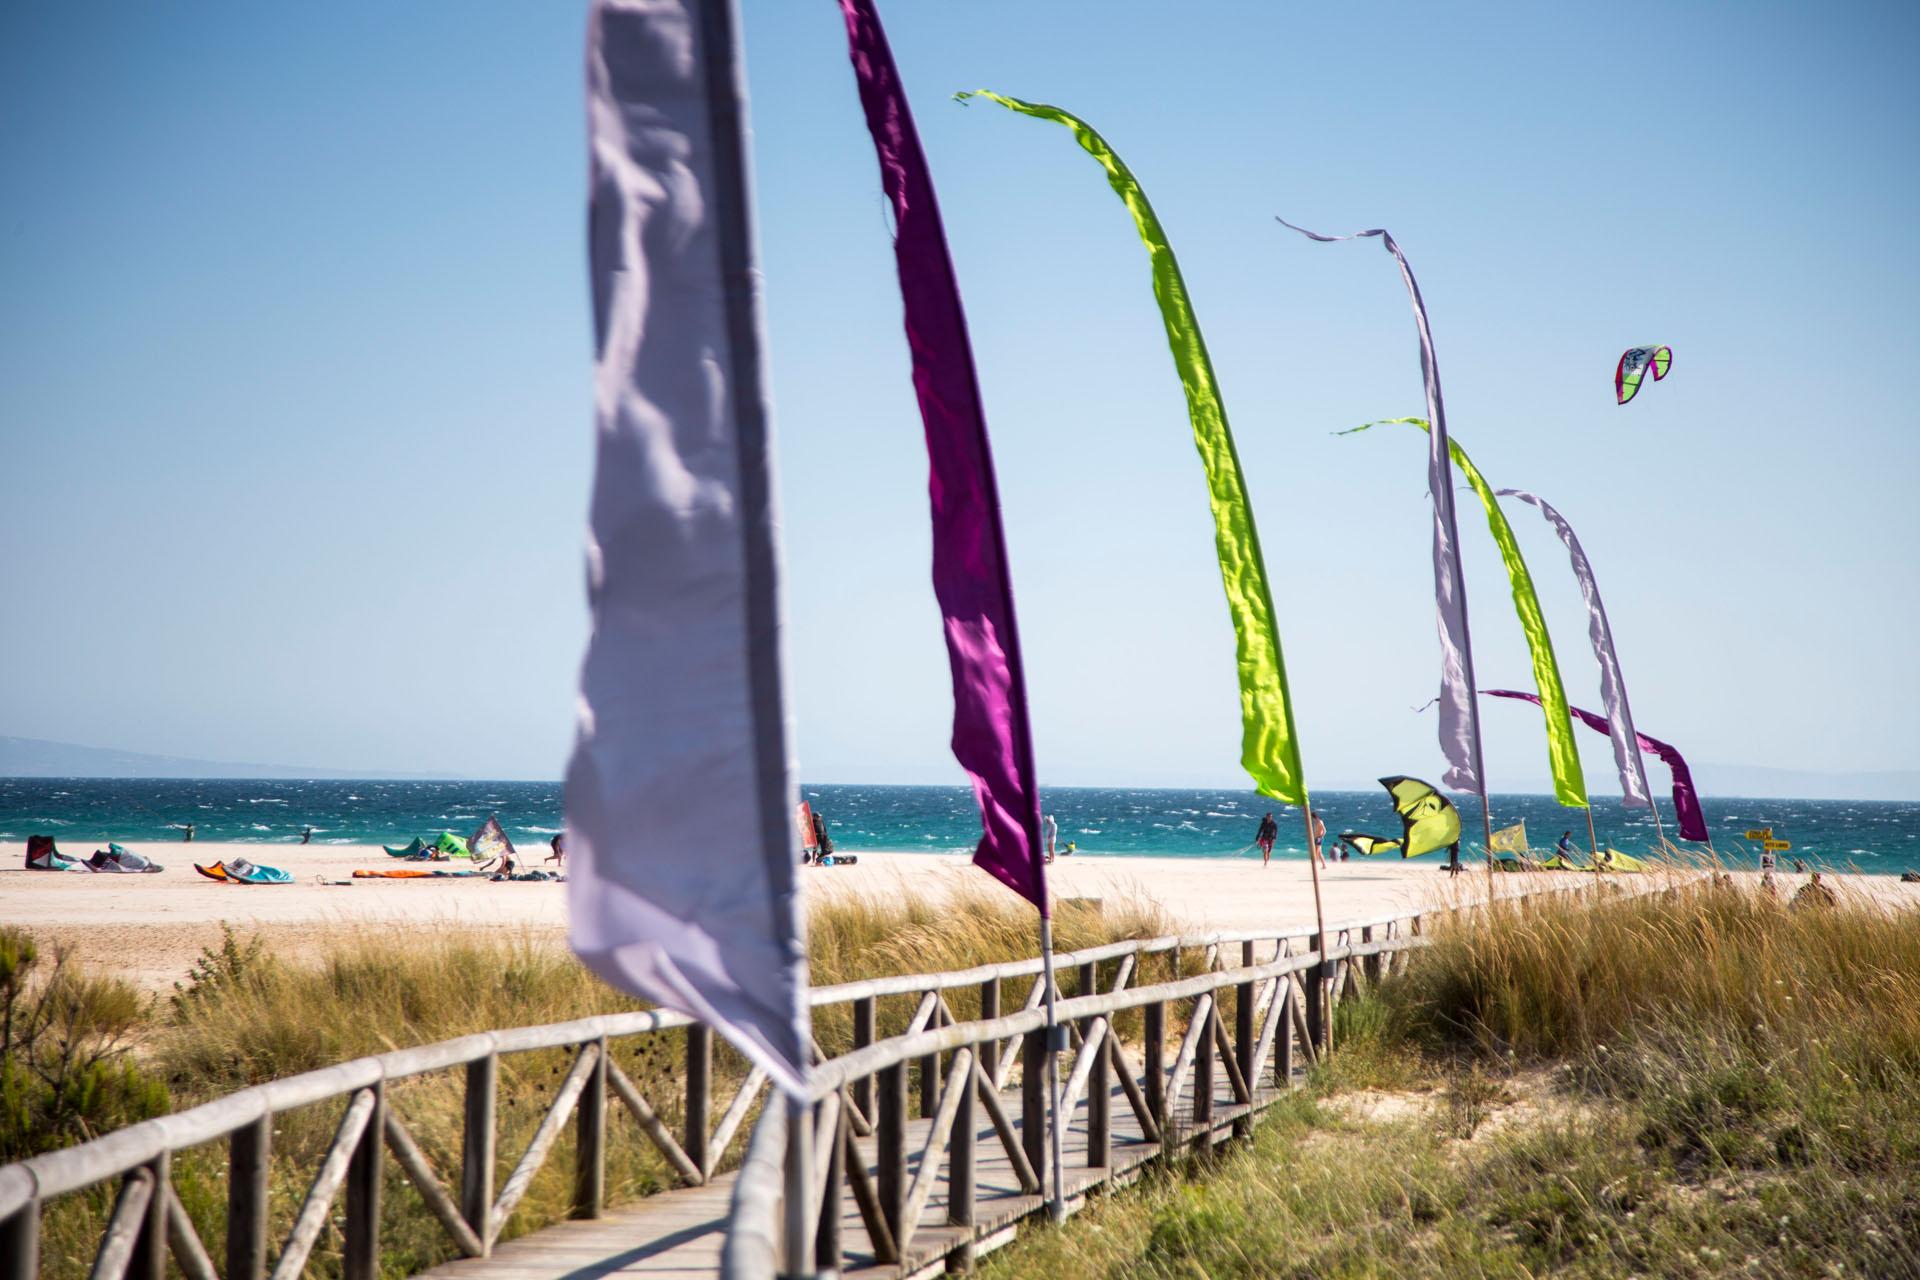 viento-kite-tarifa